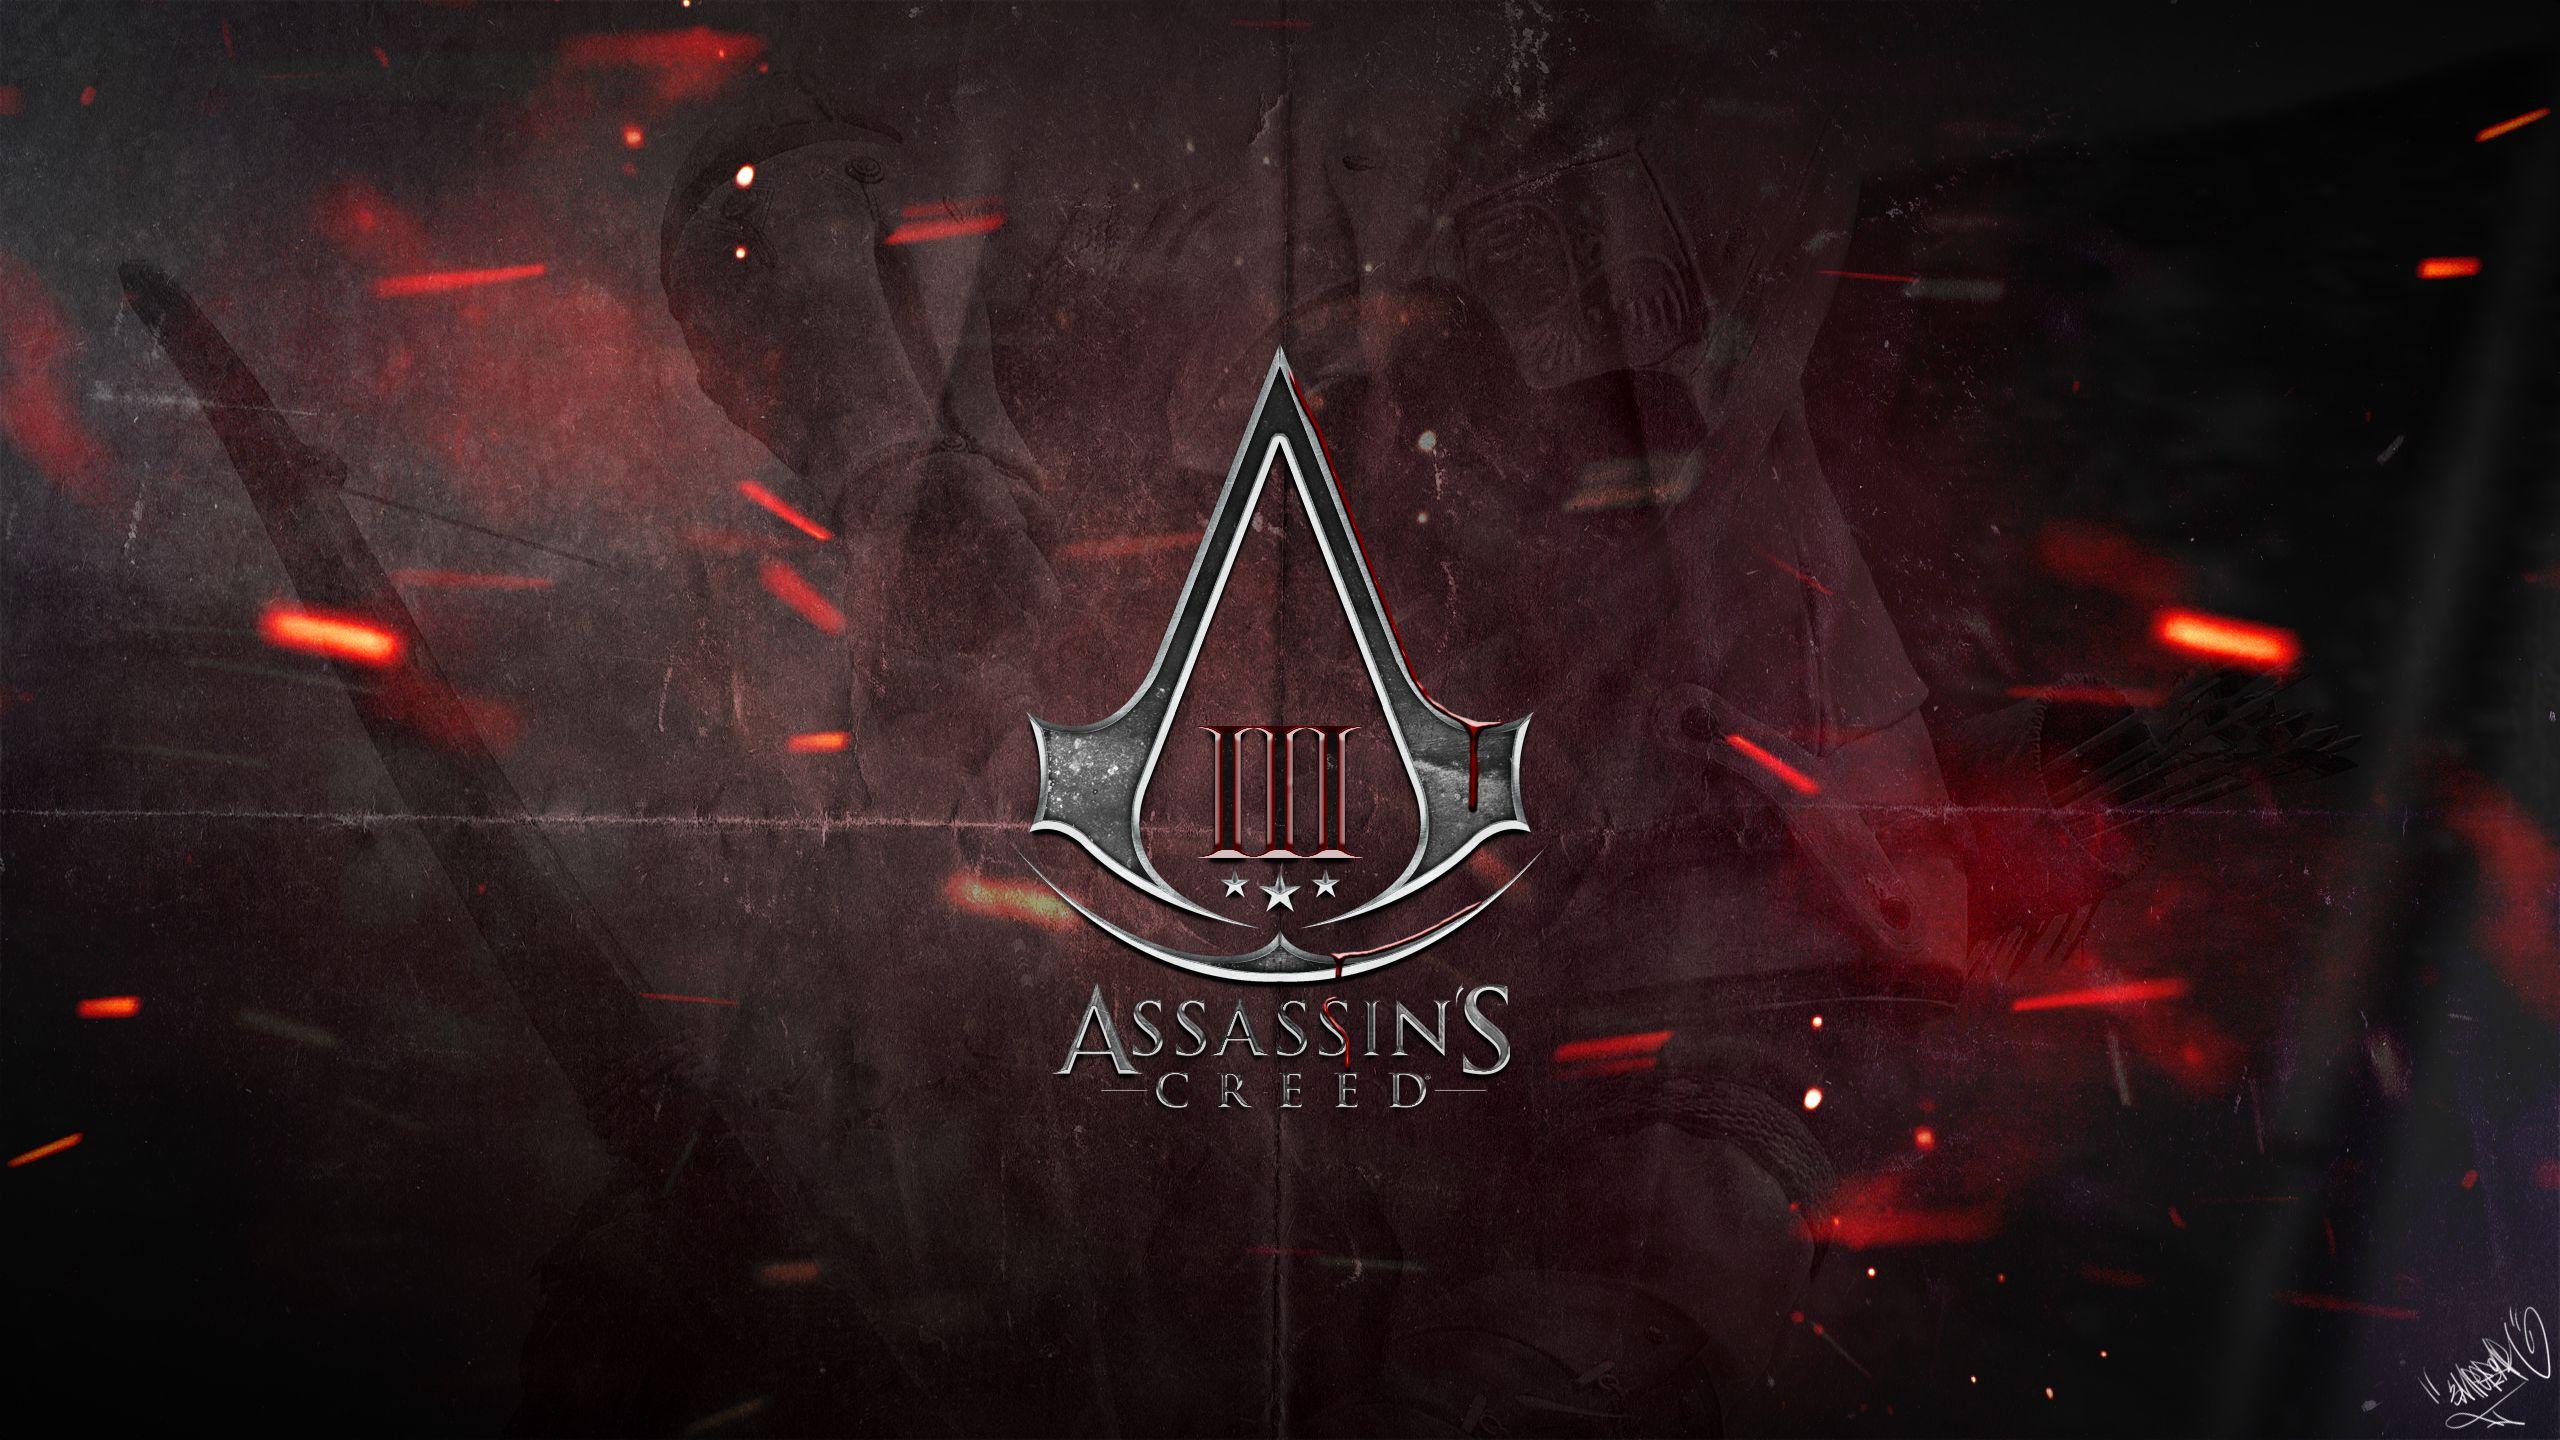 Assassin S Creed 3 Logo Wallpaper By Emperaa On Deviantart Assassins Creed Assassin S Creed Wallpaper